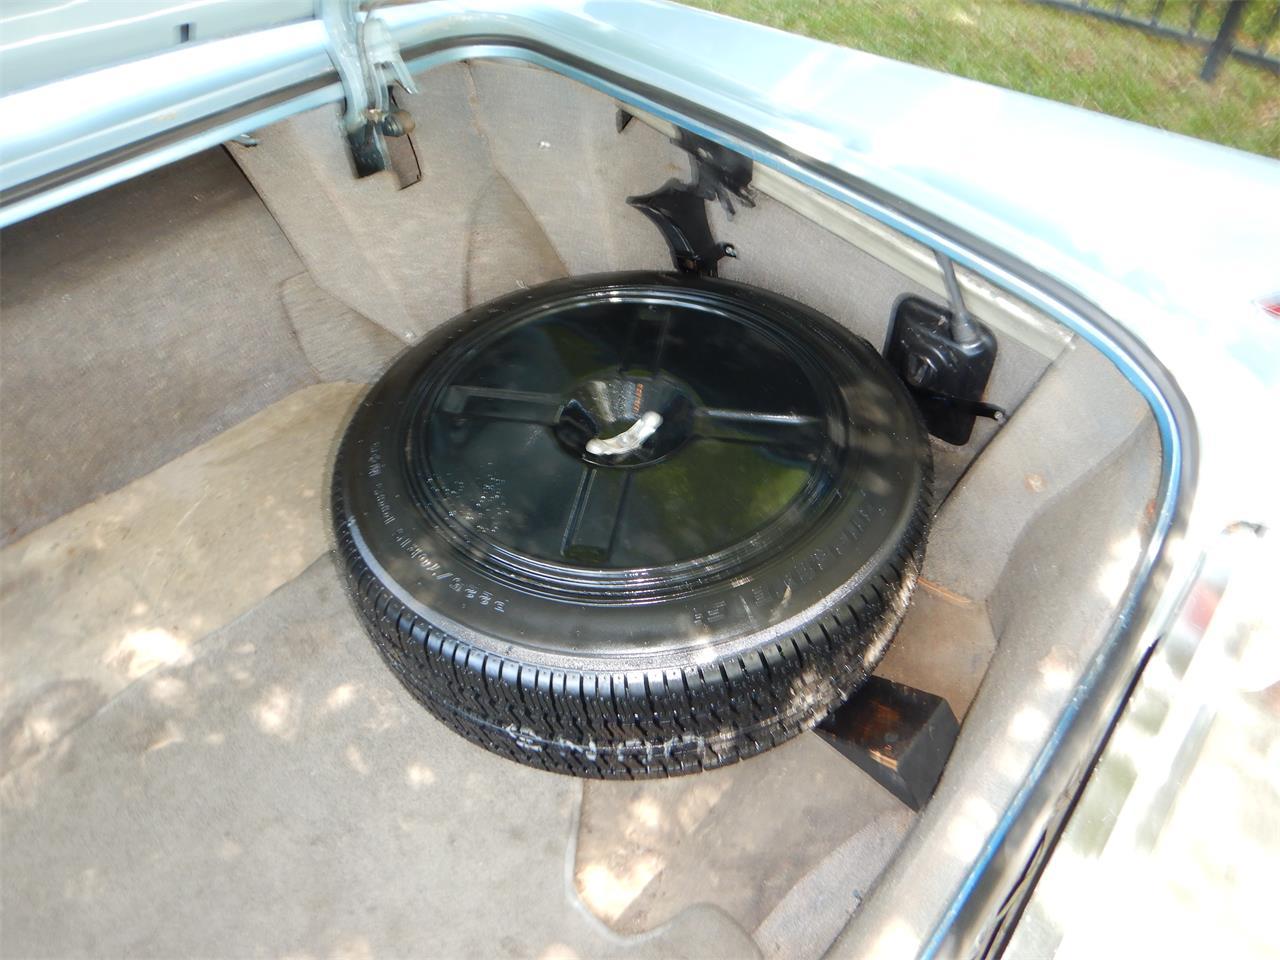 Large Picture of '64 Cadillac Eldorado Biarritz located in Woodland Hills California - $28,500.00 - QBJQ